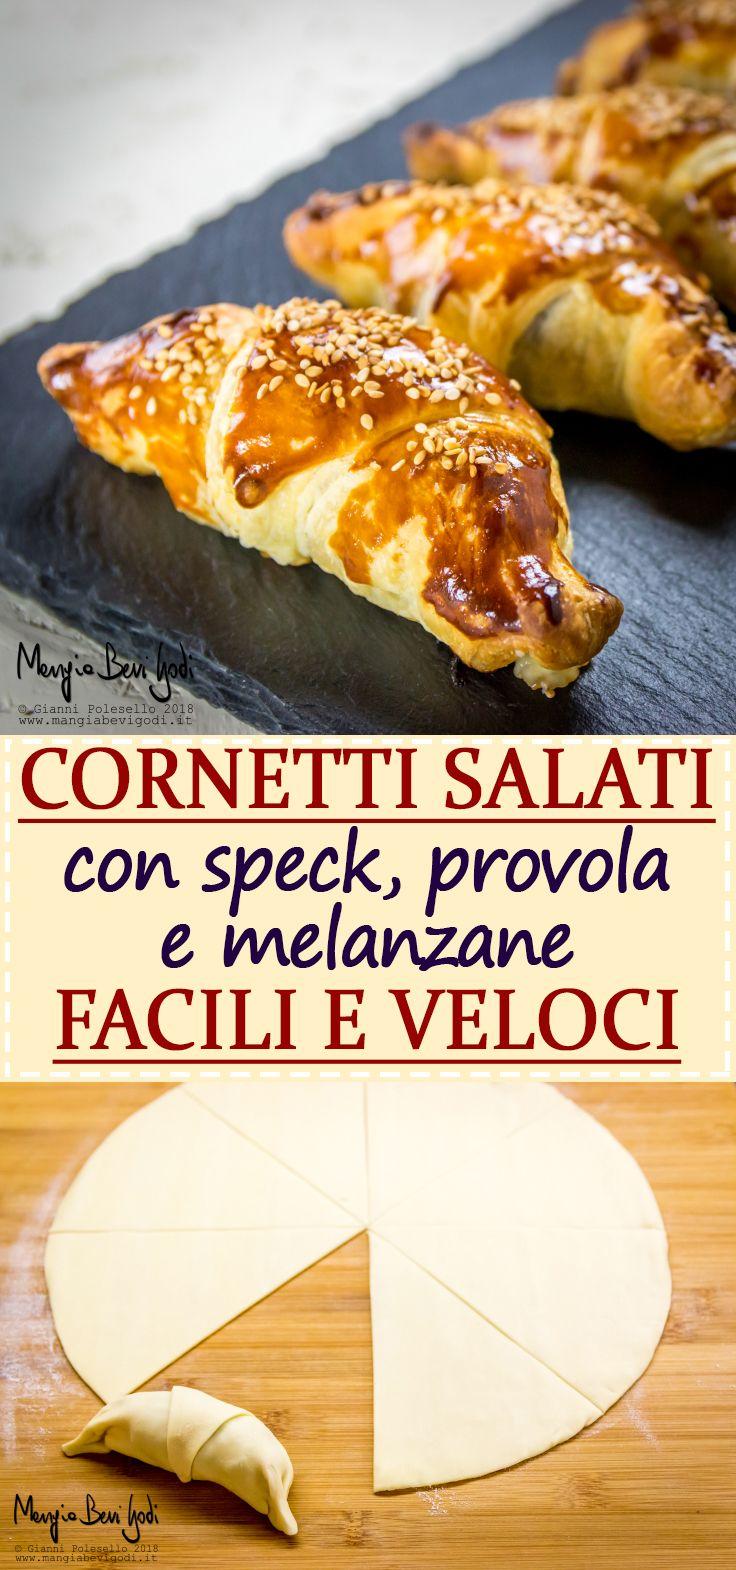 La ricetta dei cornetti salati con speck, provola e melanzane. Un finger food facile e veloce.